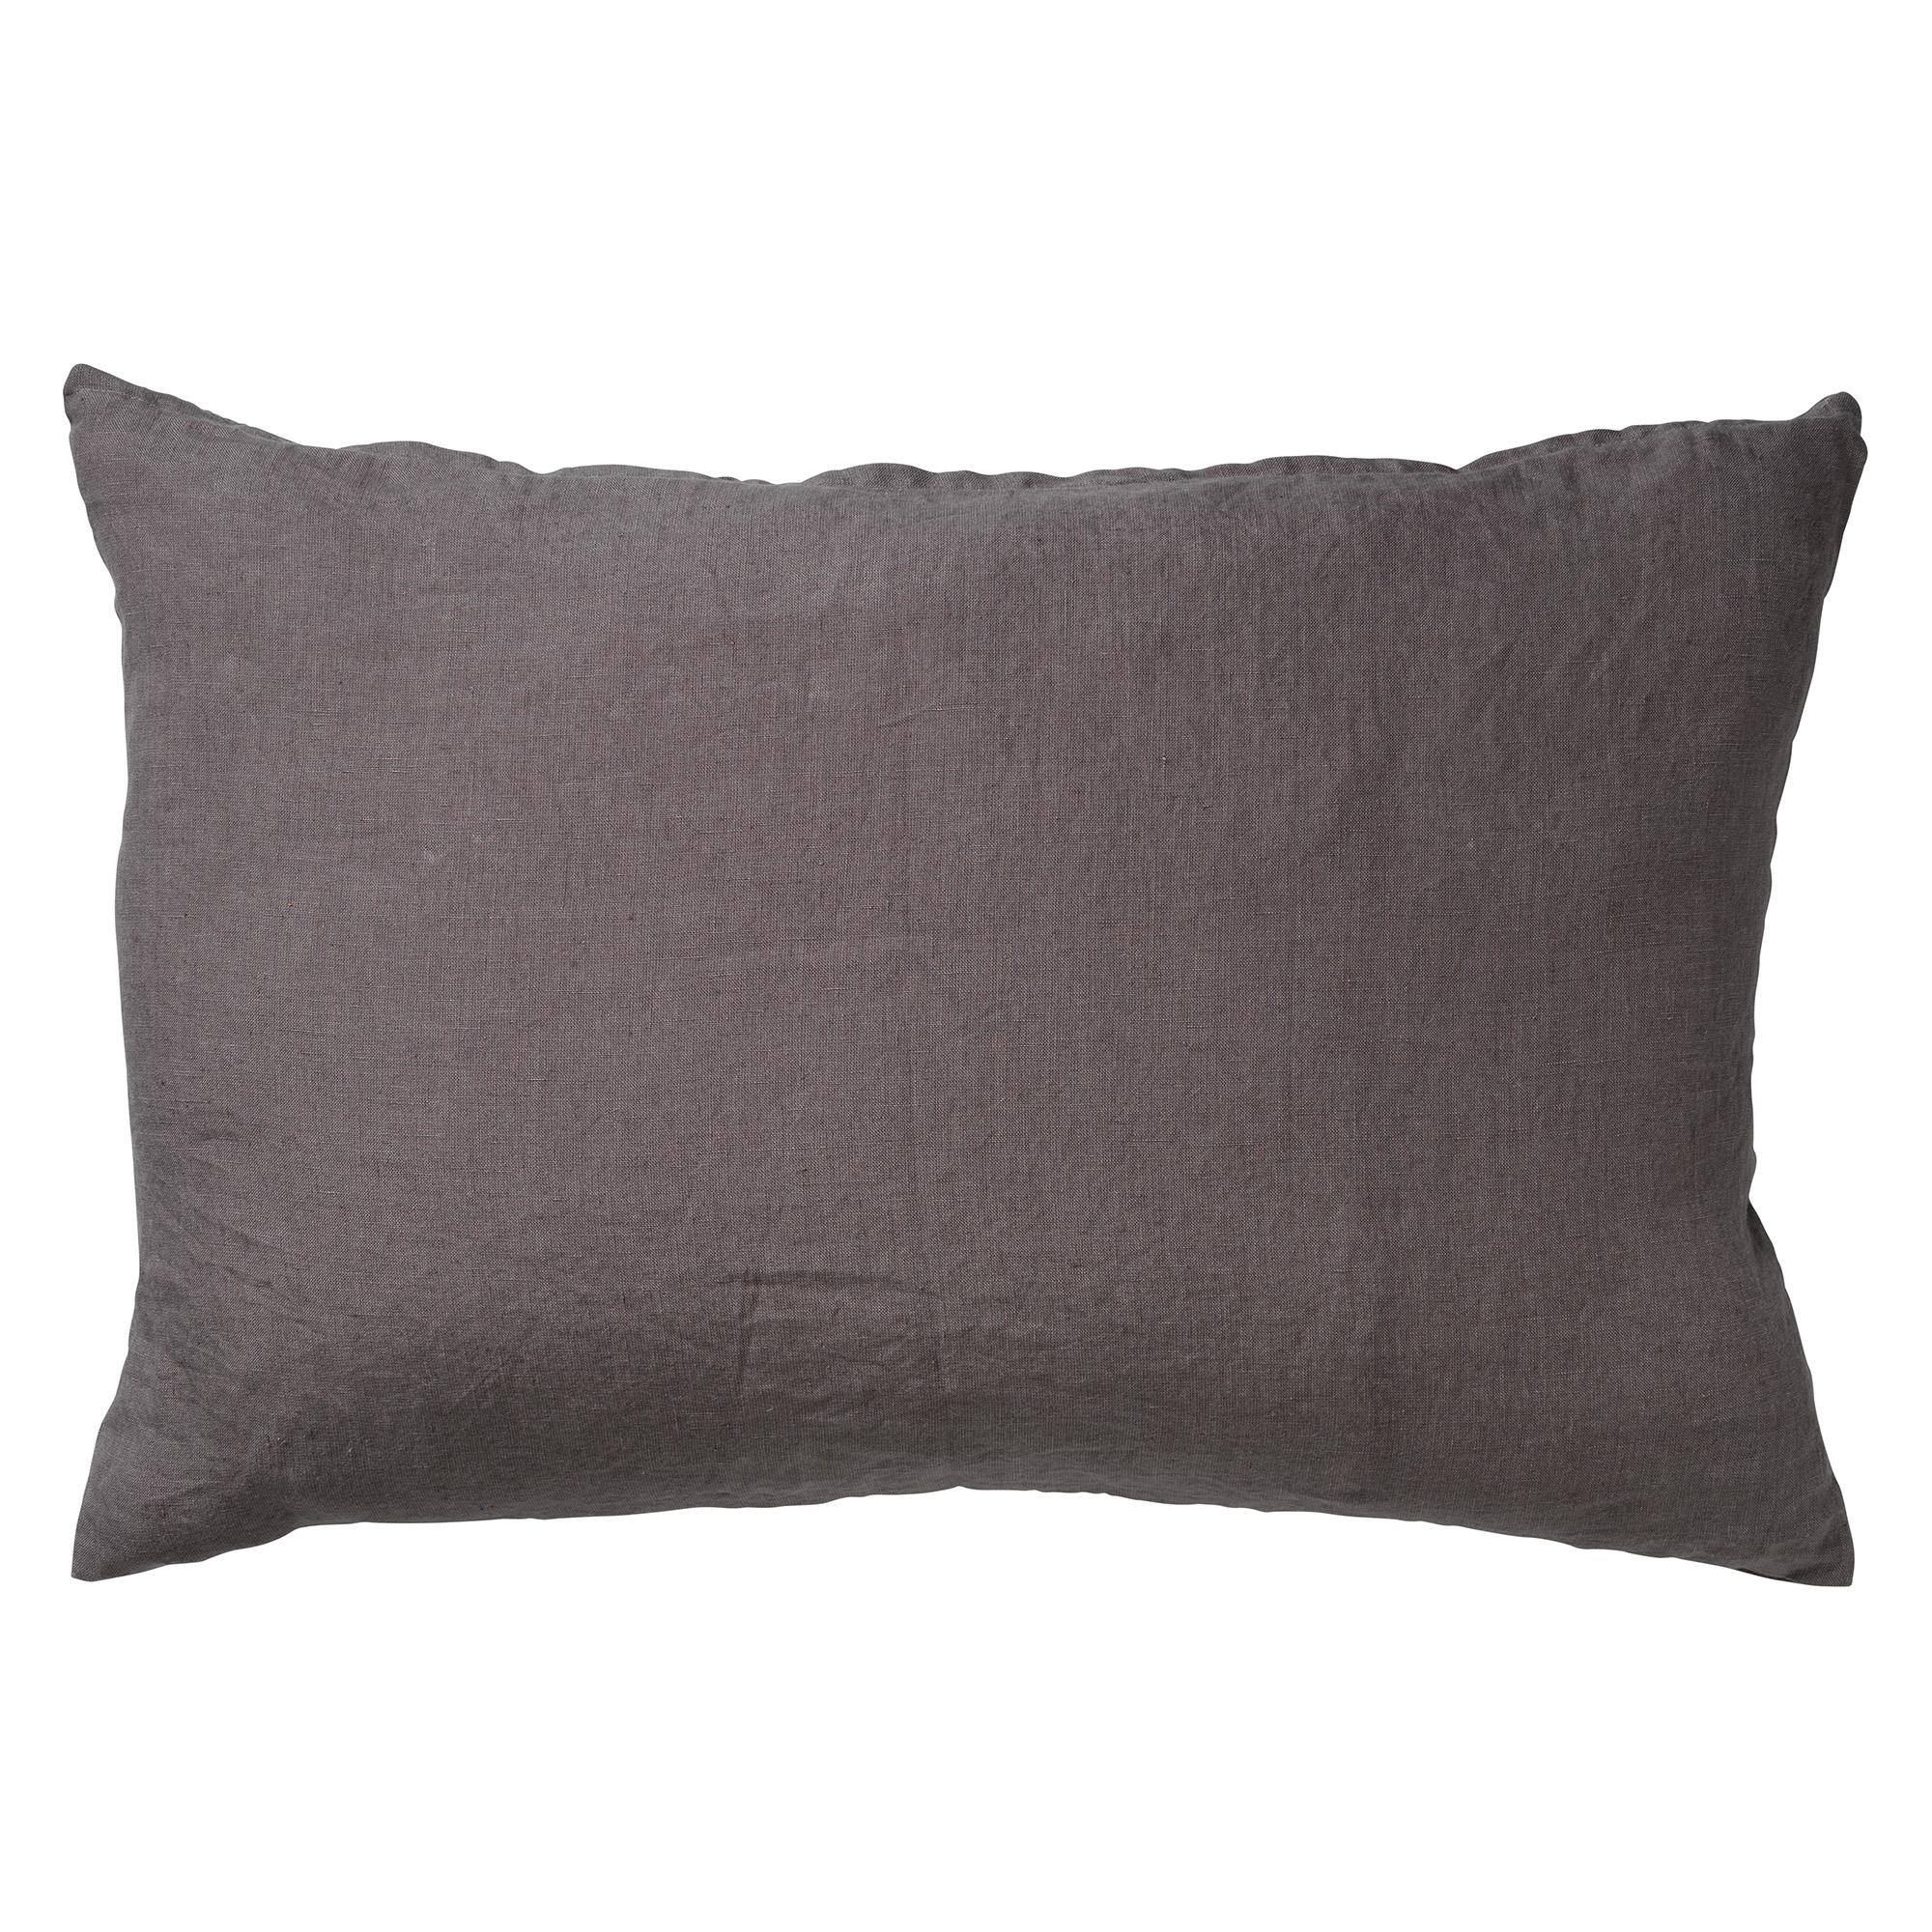 LINN - Sierkussen linnen Charcoal Grey 40x60 cm